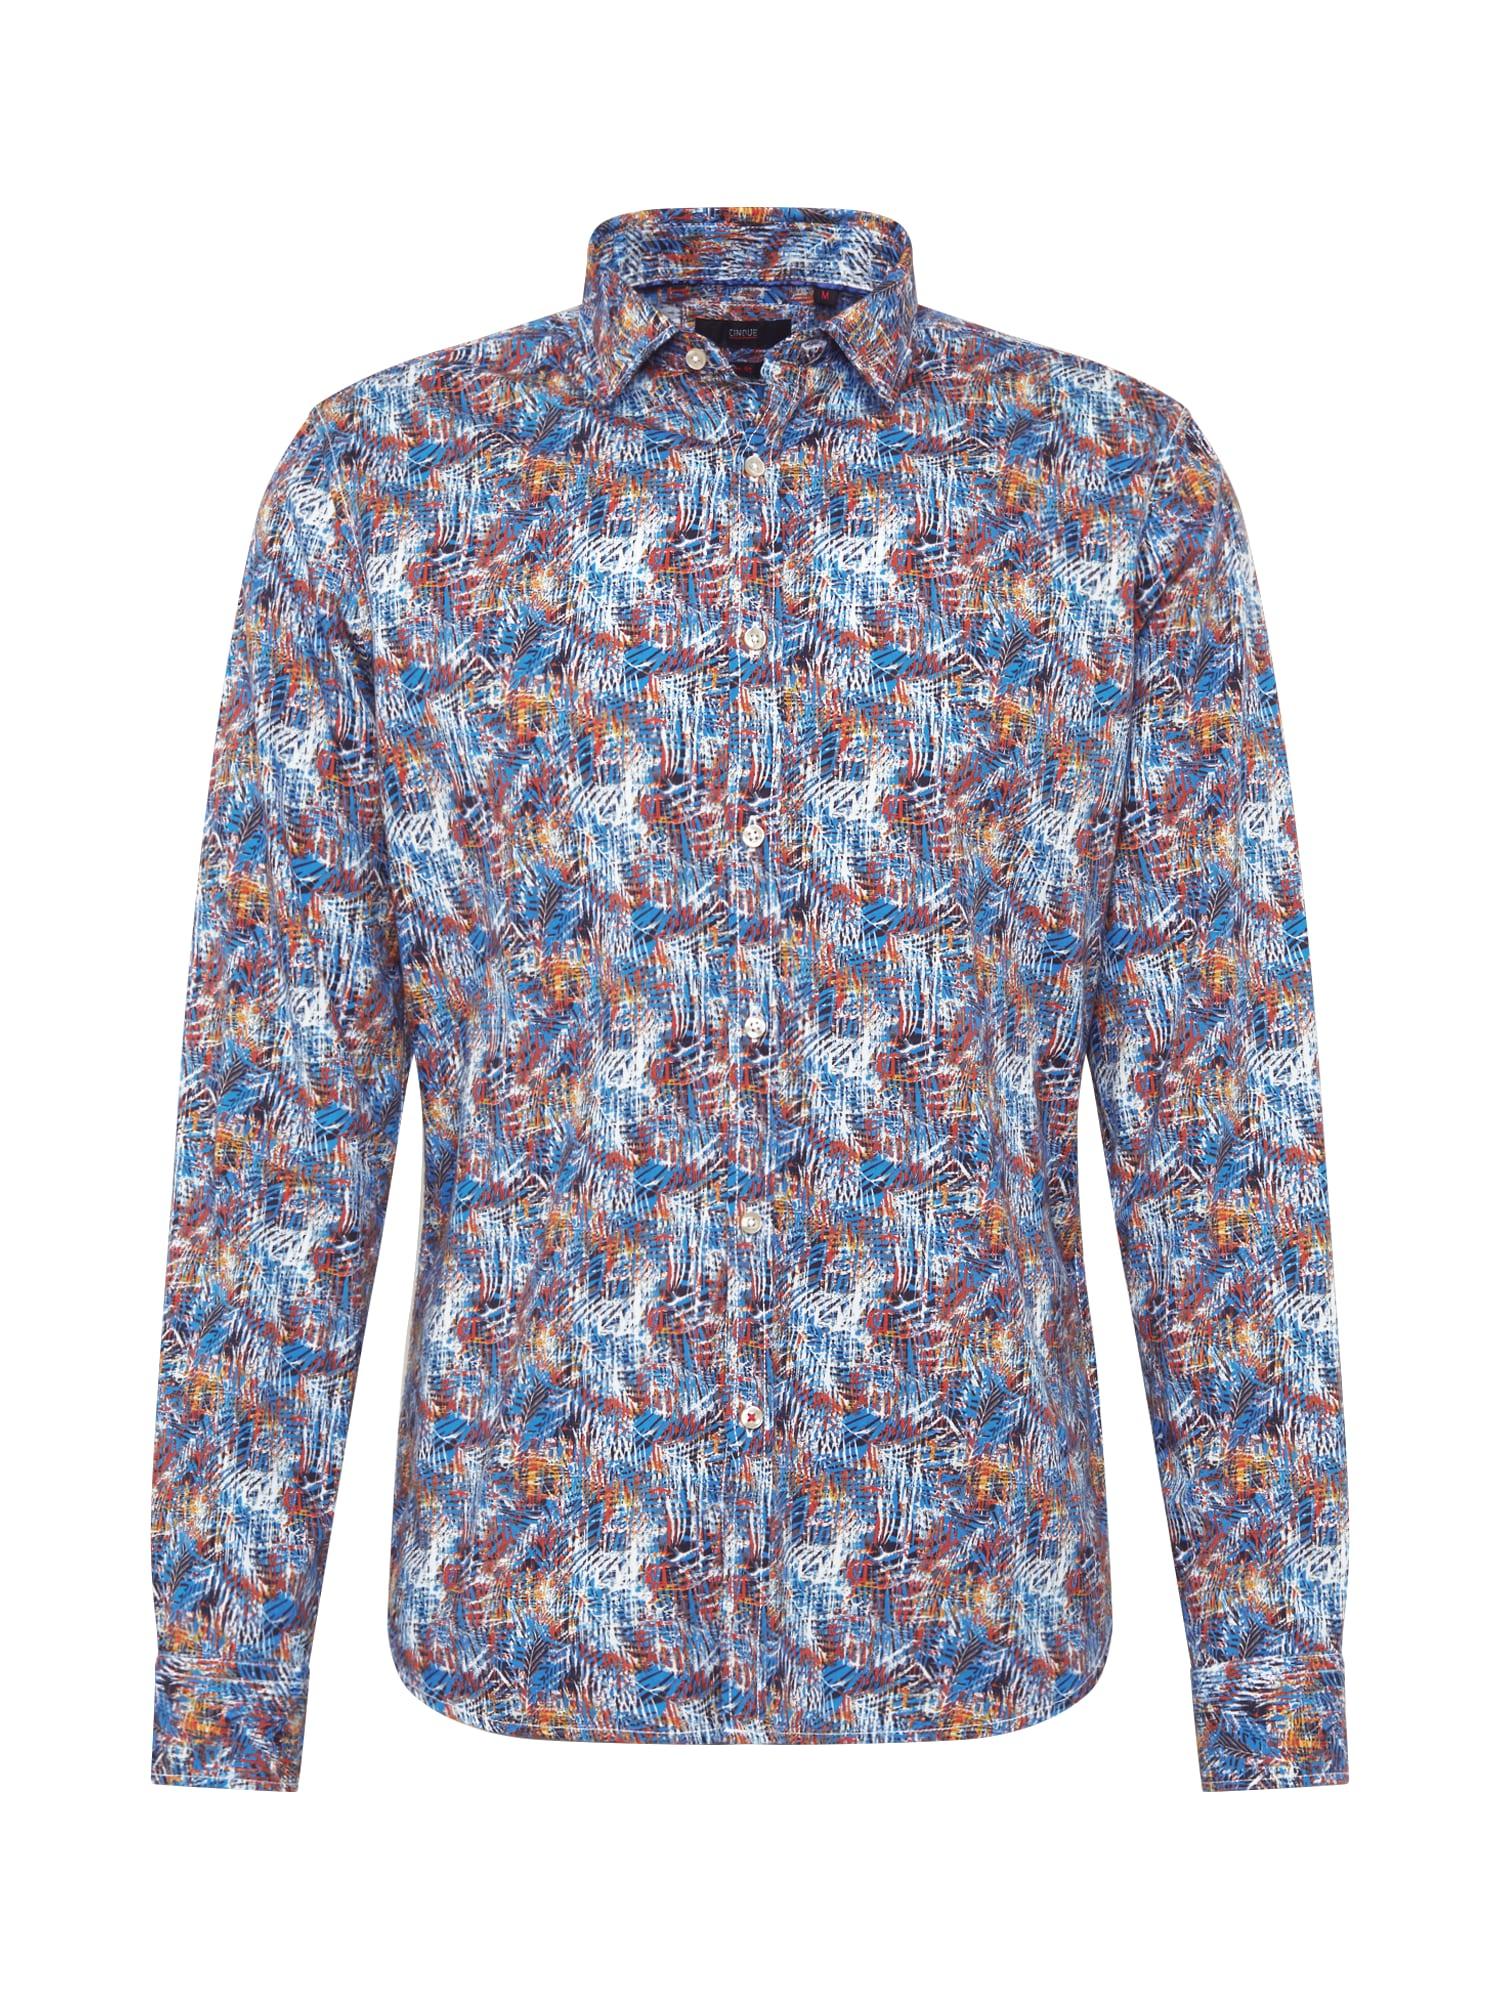 CINQUE Dalykiniai marškiniai 'CISPUKY' šviesiai mėlyna / tamsiai mėlyna / ugnies raudona